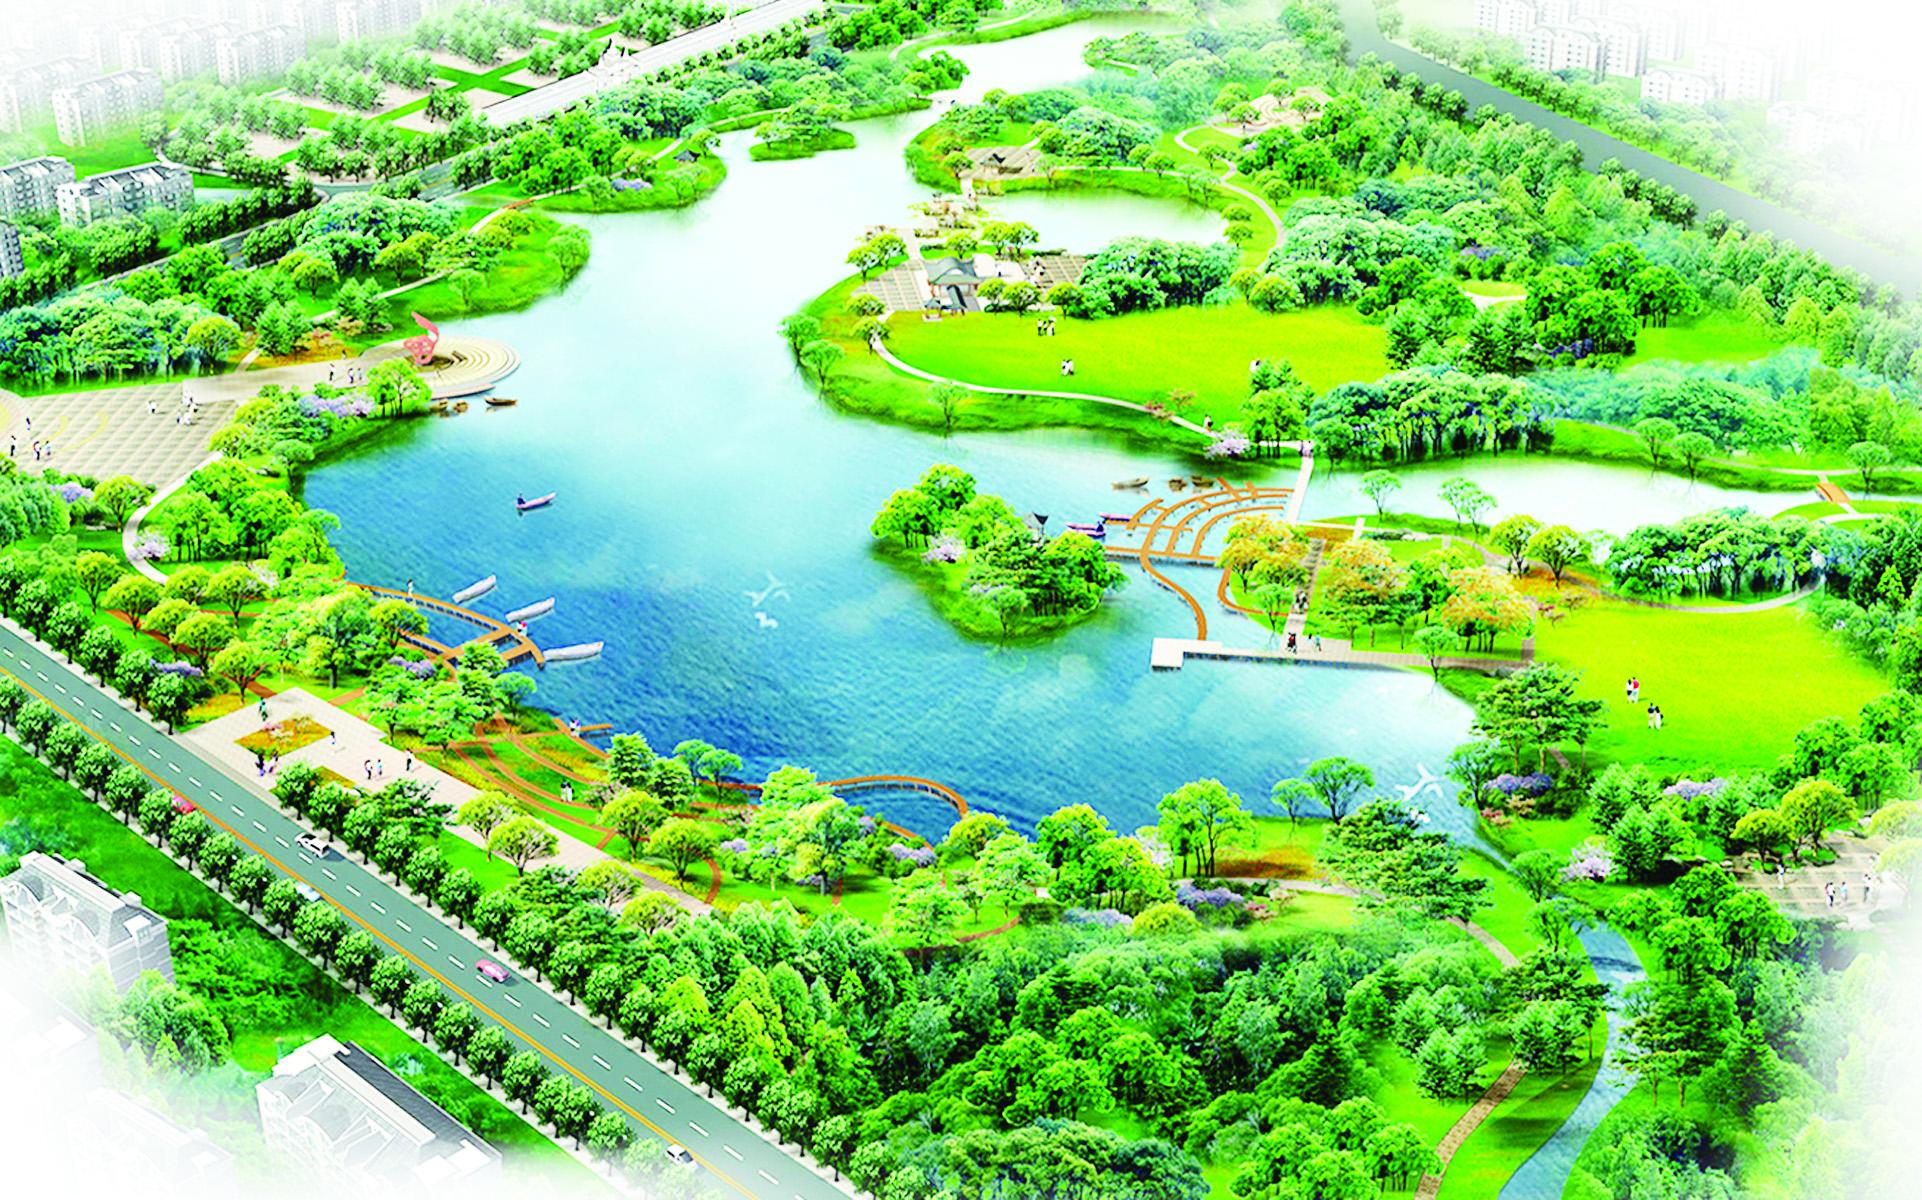 Phối cảnh hồ cảnh quan ngay giữa trung tâm khu đô thị Phú Mỹ